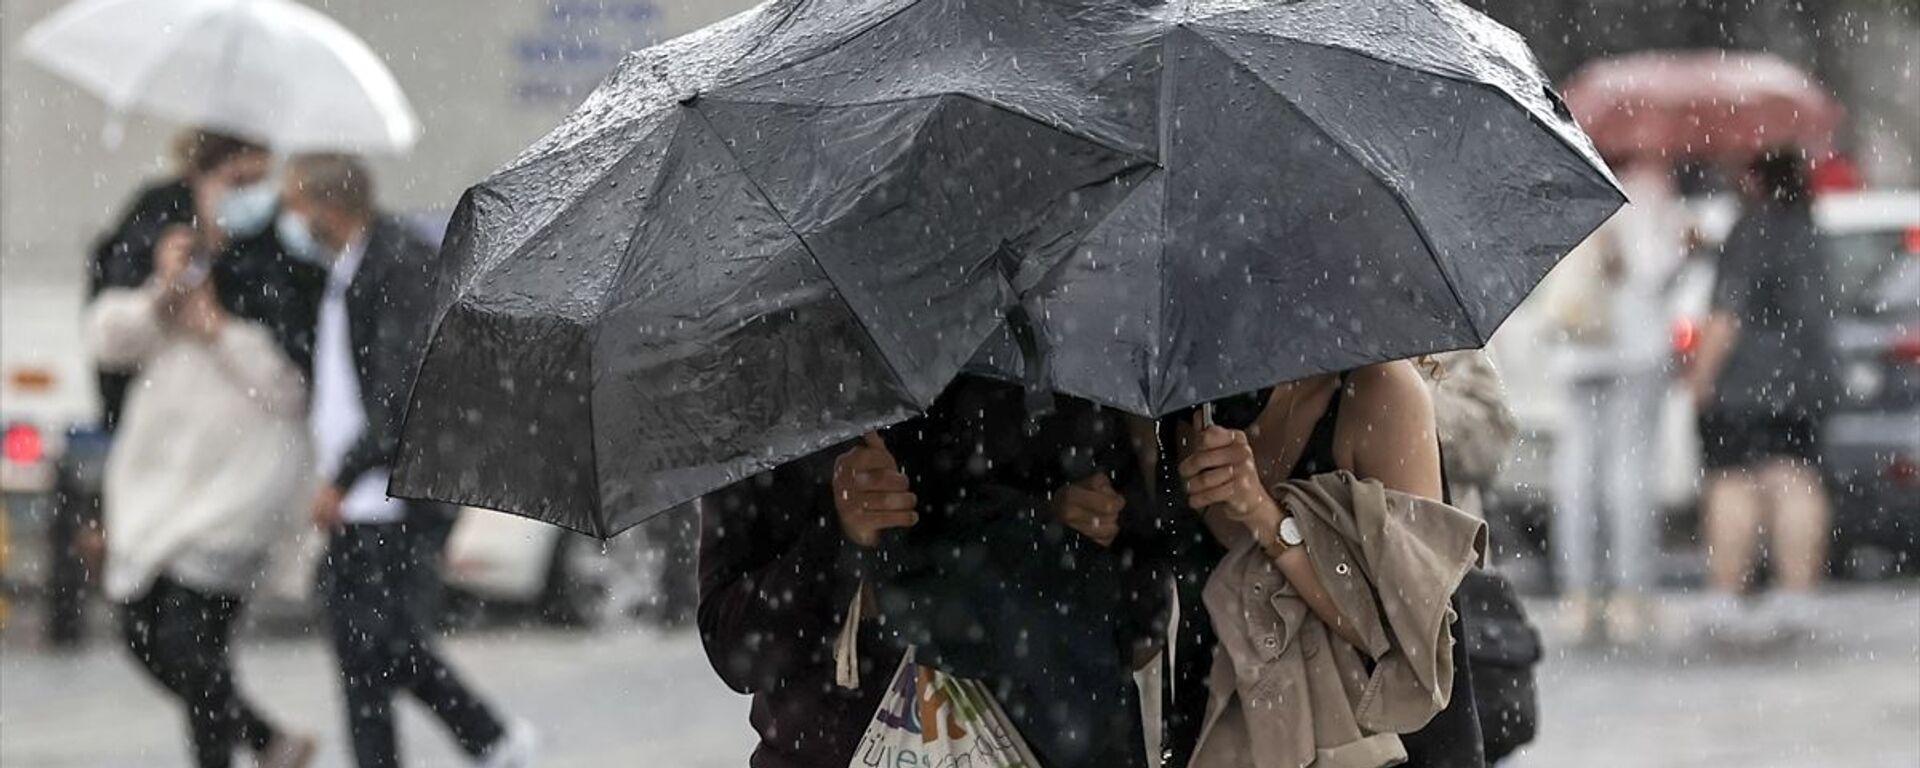 Yağmur- Sağanak yağış - Sputnik Türkiye, 1920, 25.07.2021